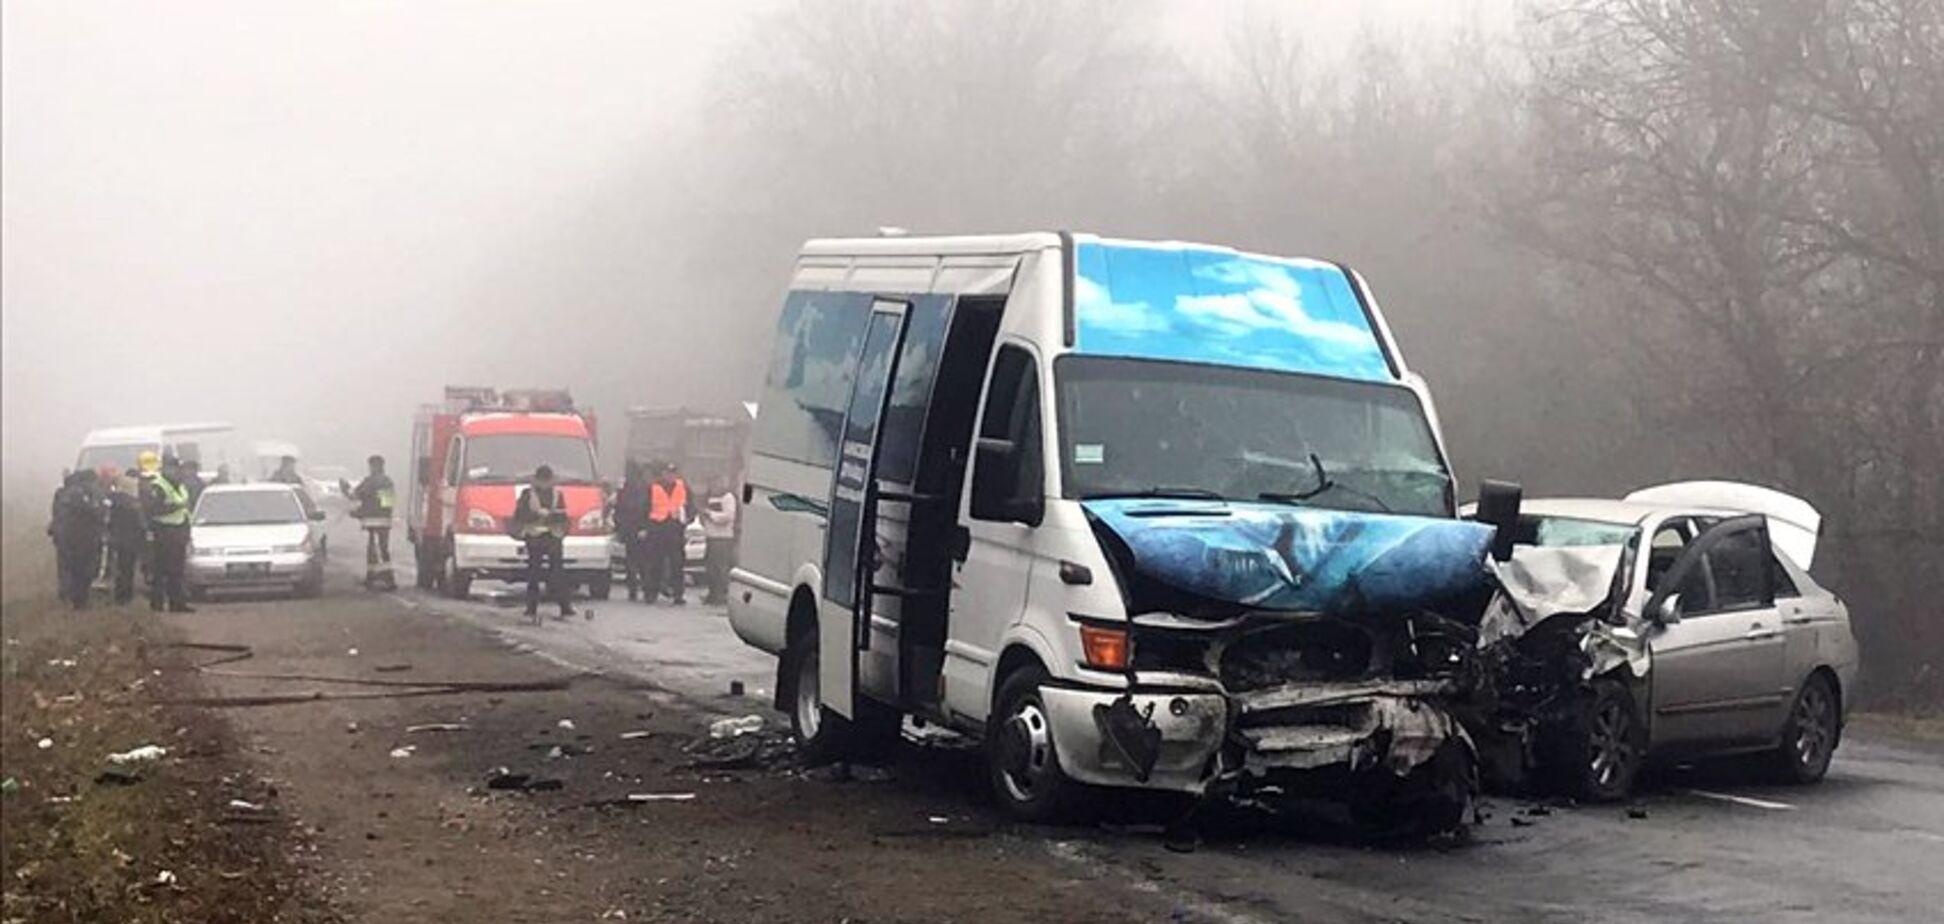 На Хмельнитчине микроавтобус попал в страшное ДТП: двое погибших